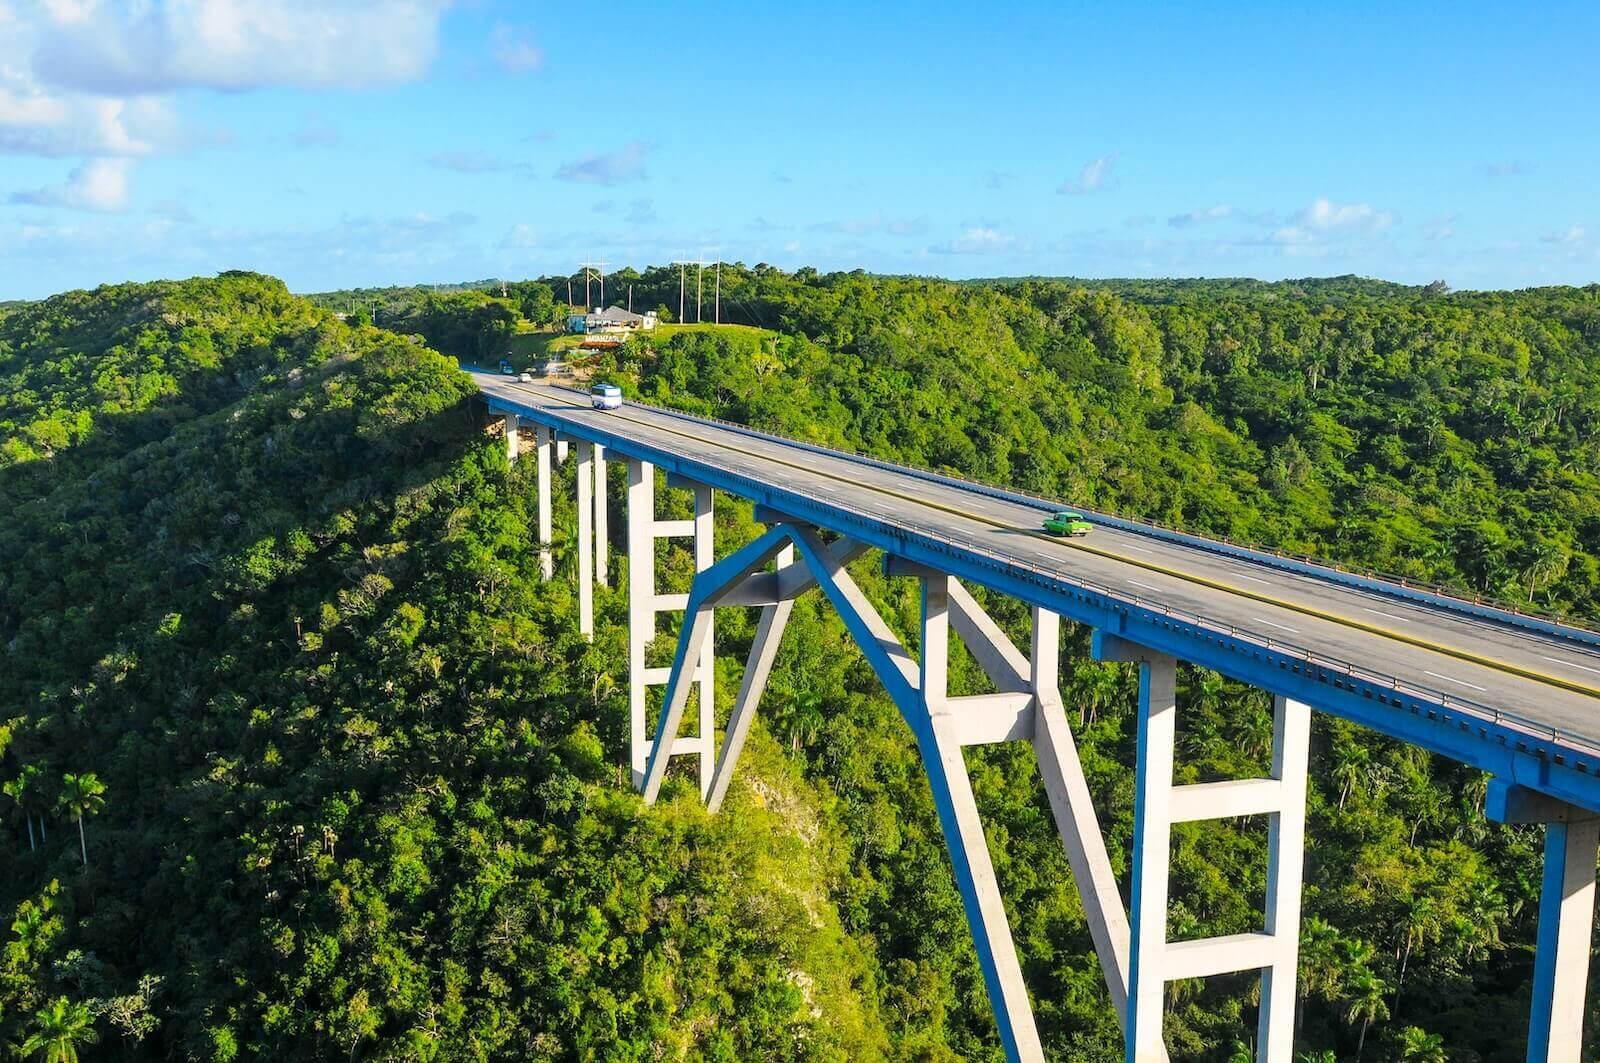 Puente de Bacunayagua in Matanzas Cuba